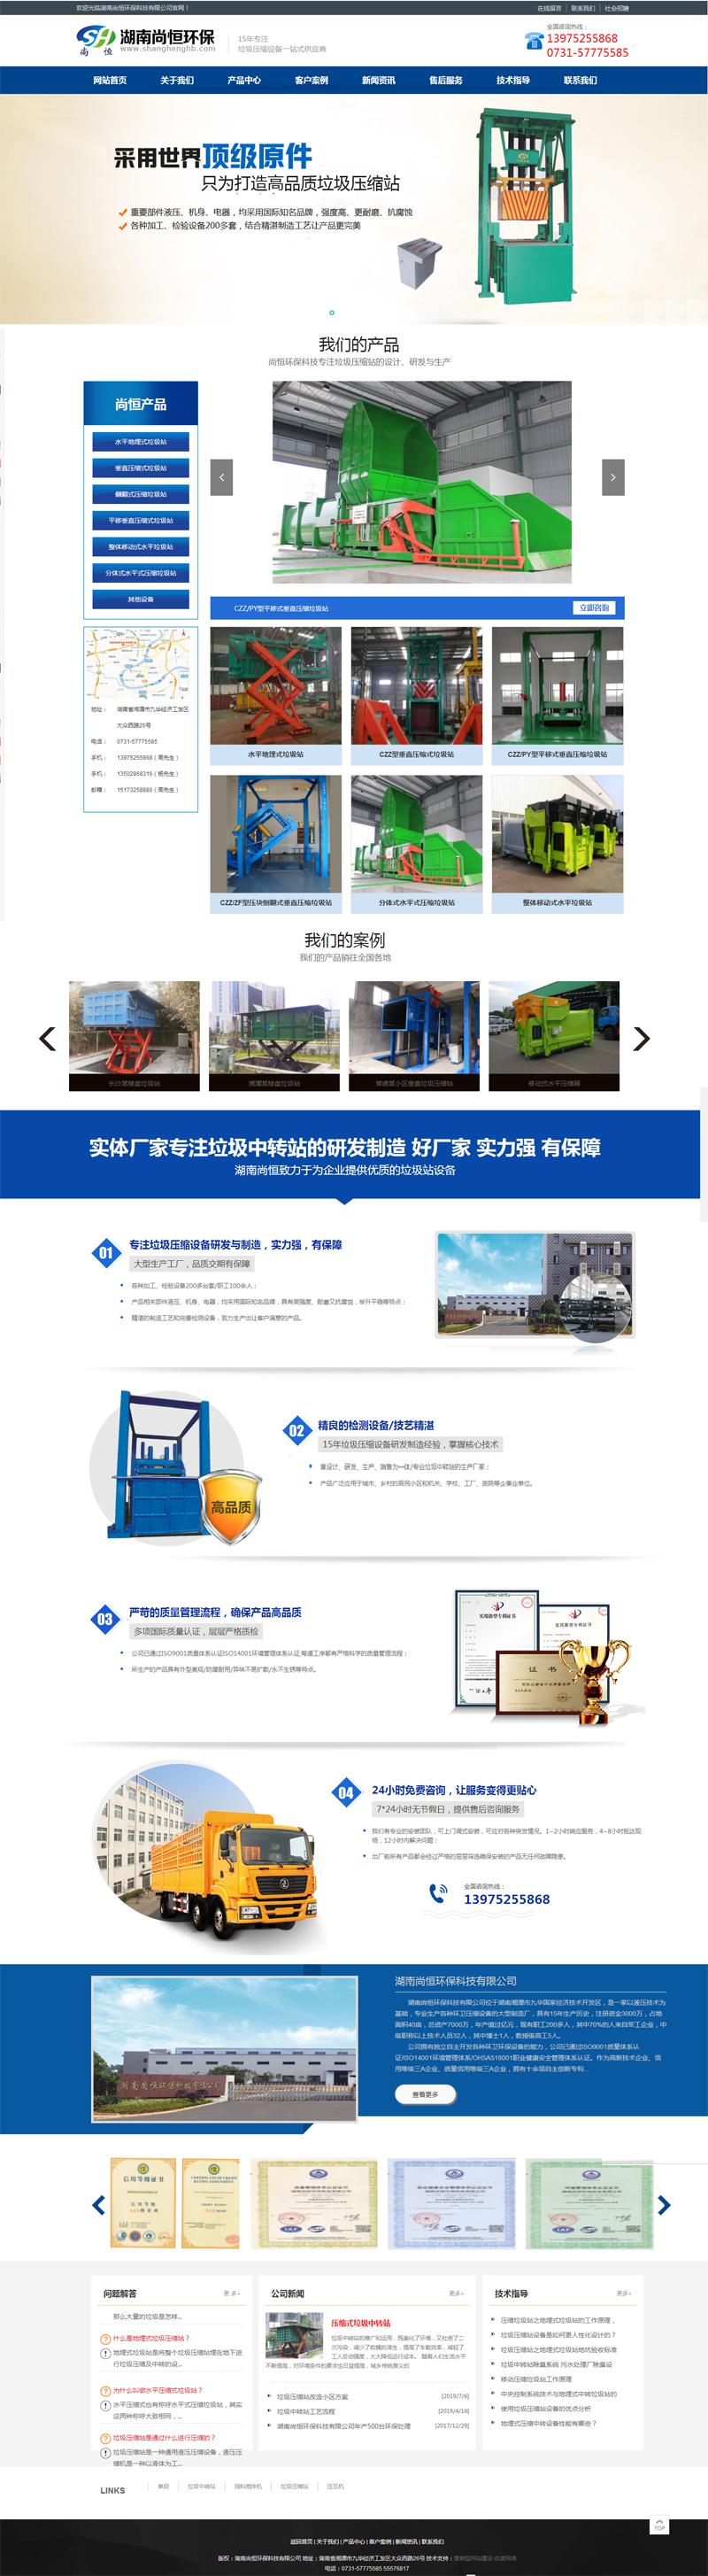 长沙网站建设-营销型网站案例